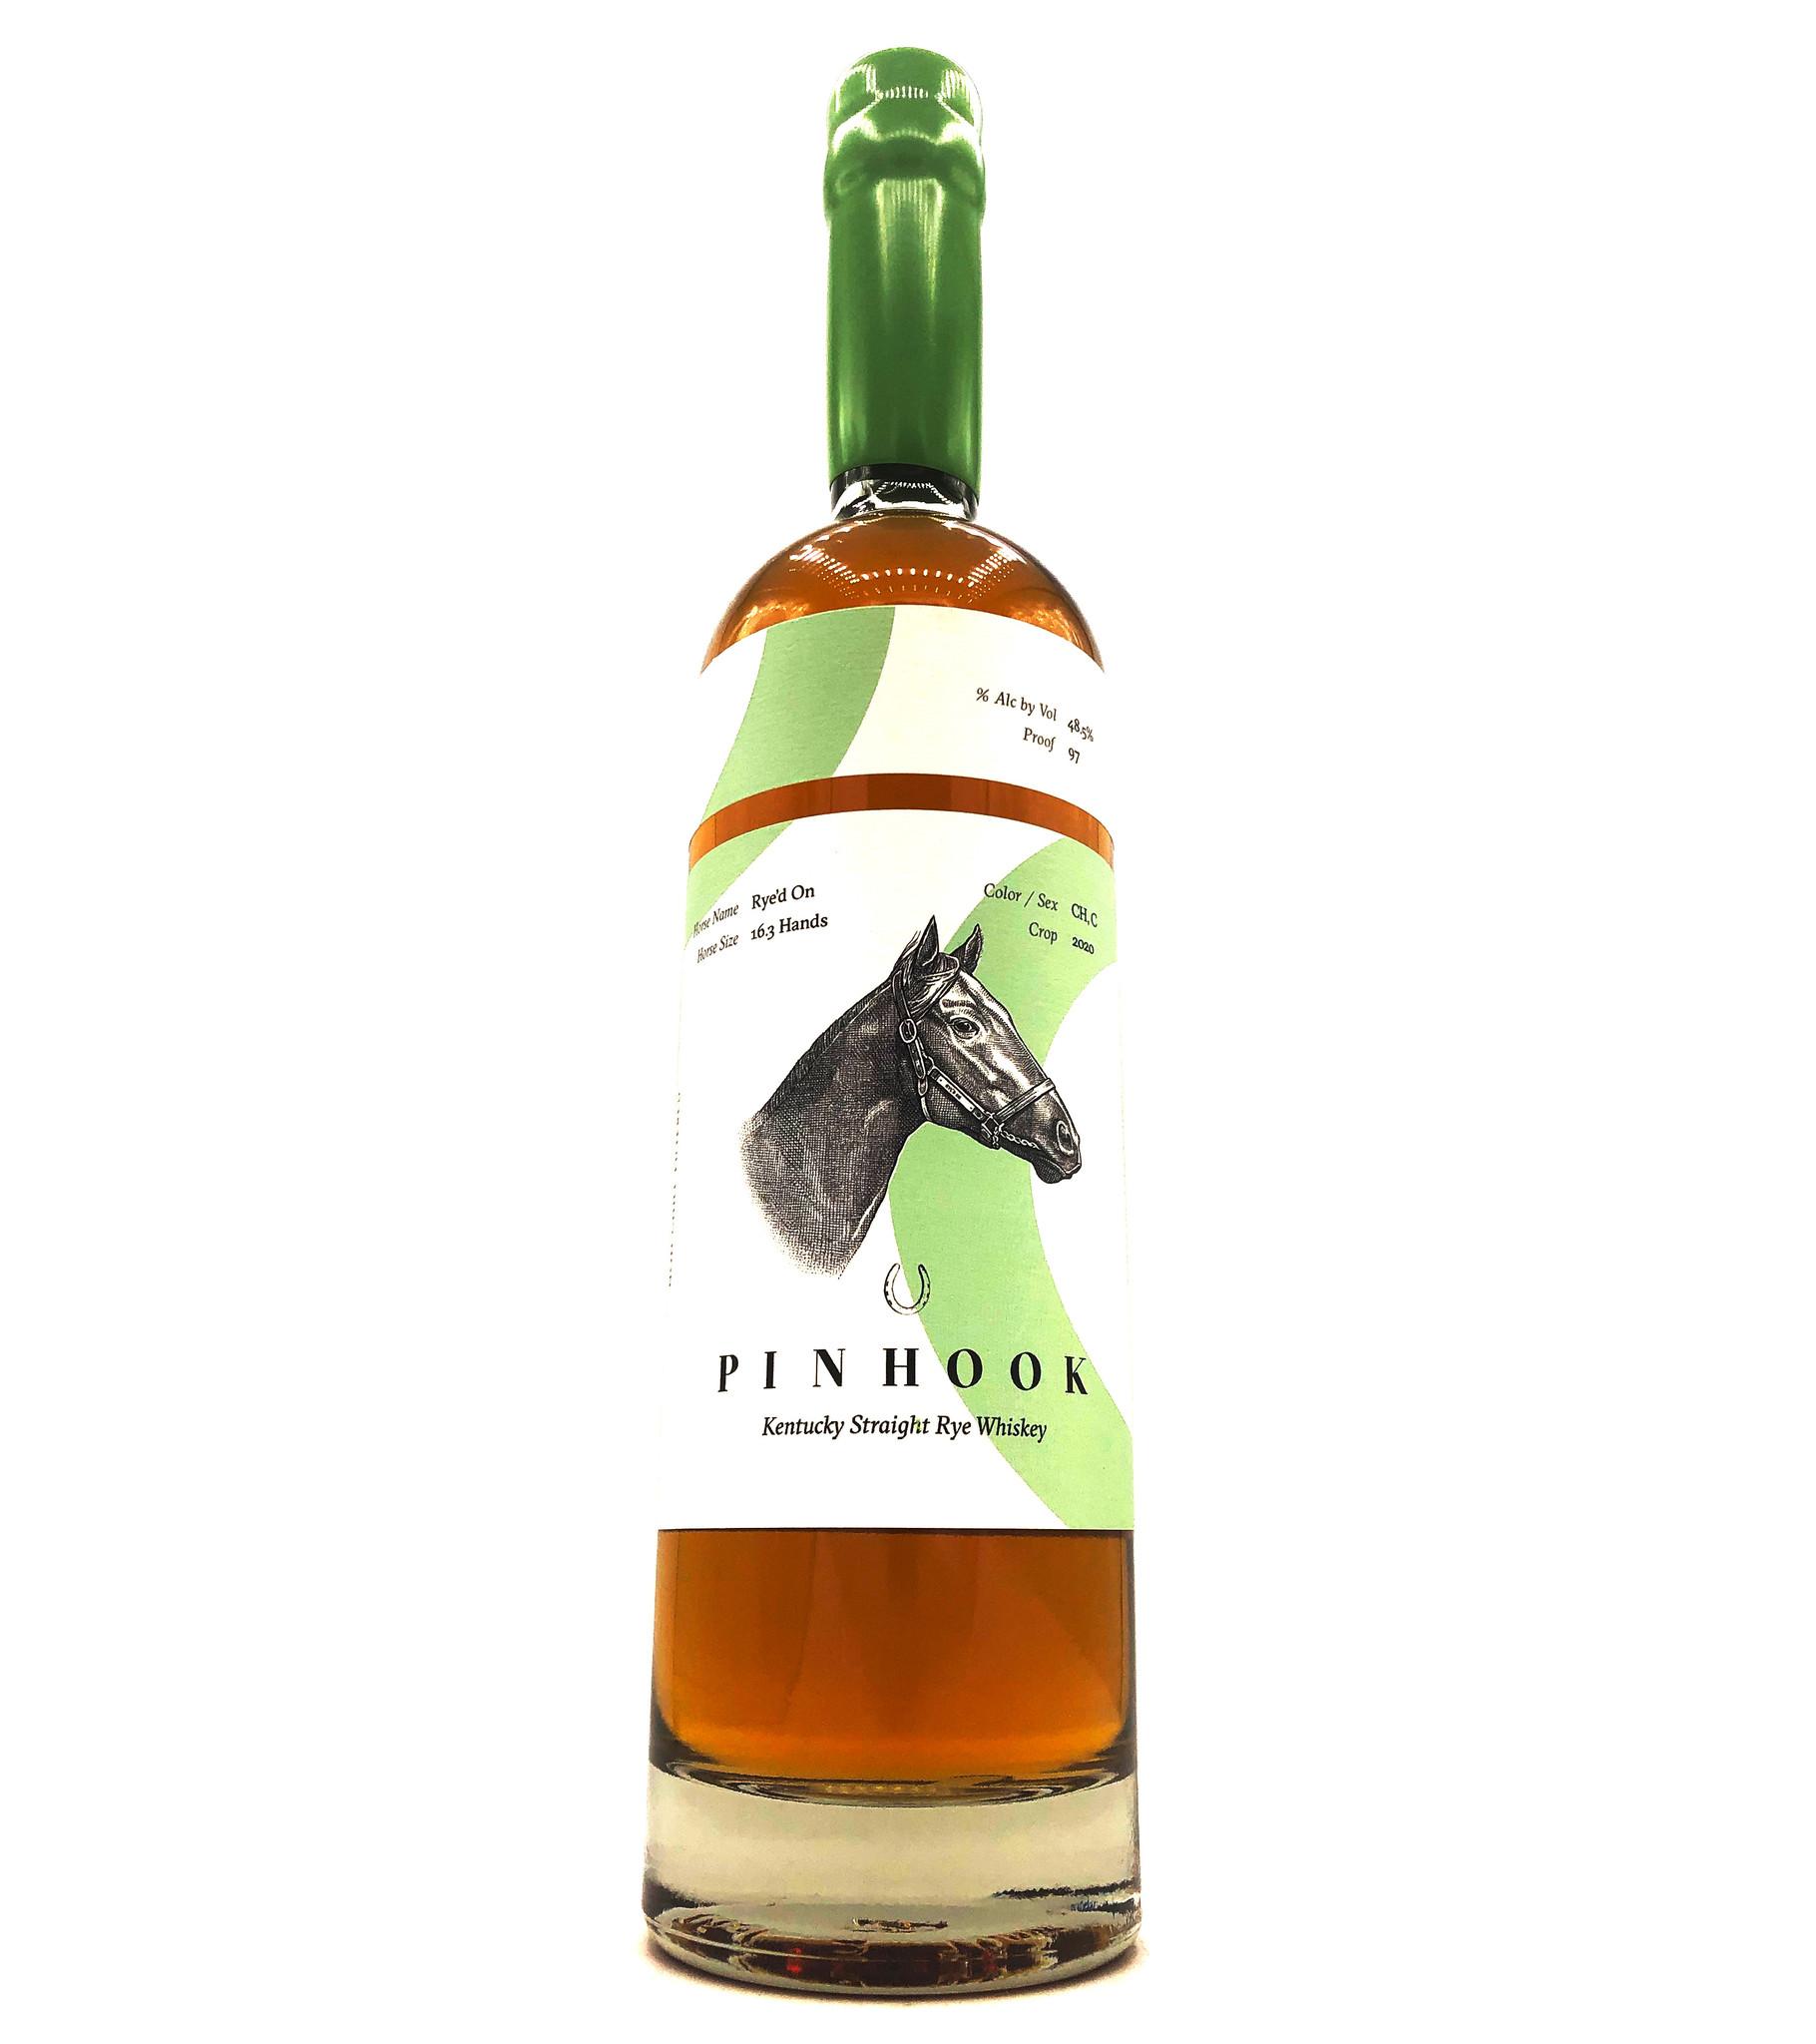 """Straight Rye Whiskey """"Rye'd On"""" 750ml Pinhook"""